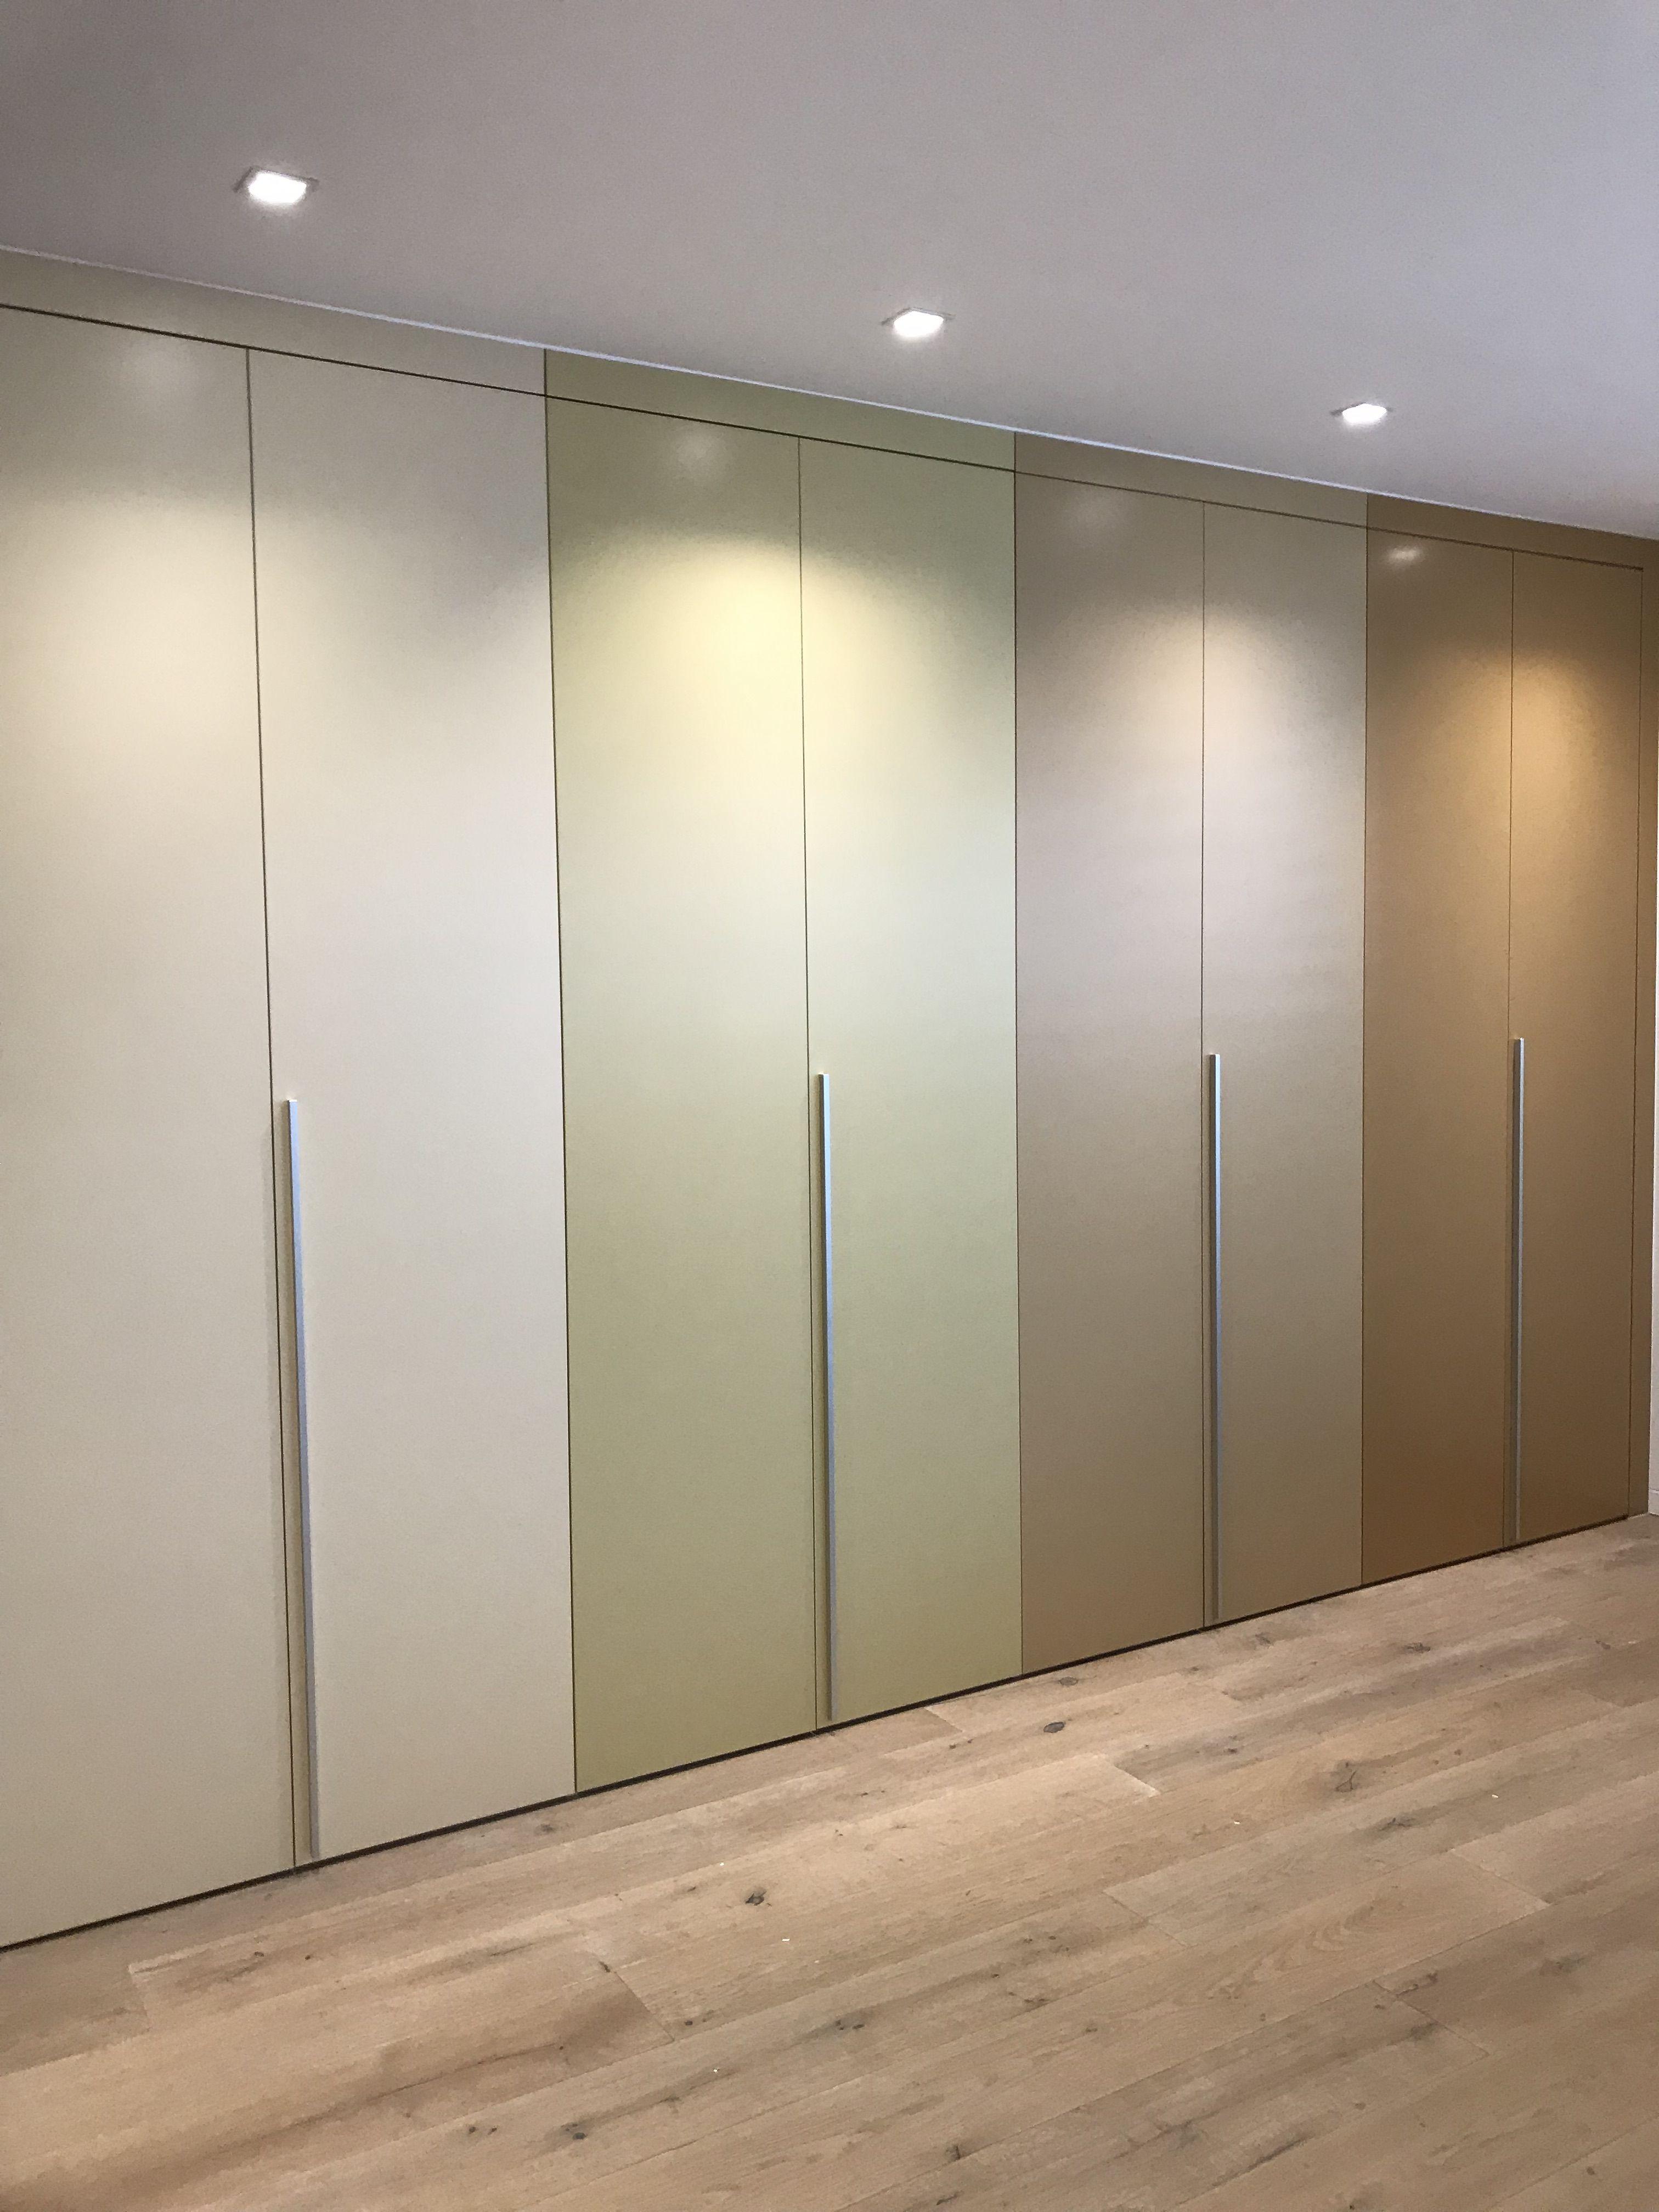 Idaw Schrank Nach Mass Einbauschranke Und Design Kommoden Einbauschrank Weiss Einbauschrank Garderoben Eingangsbereich